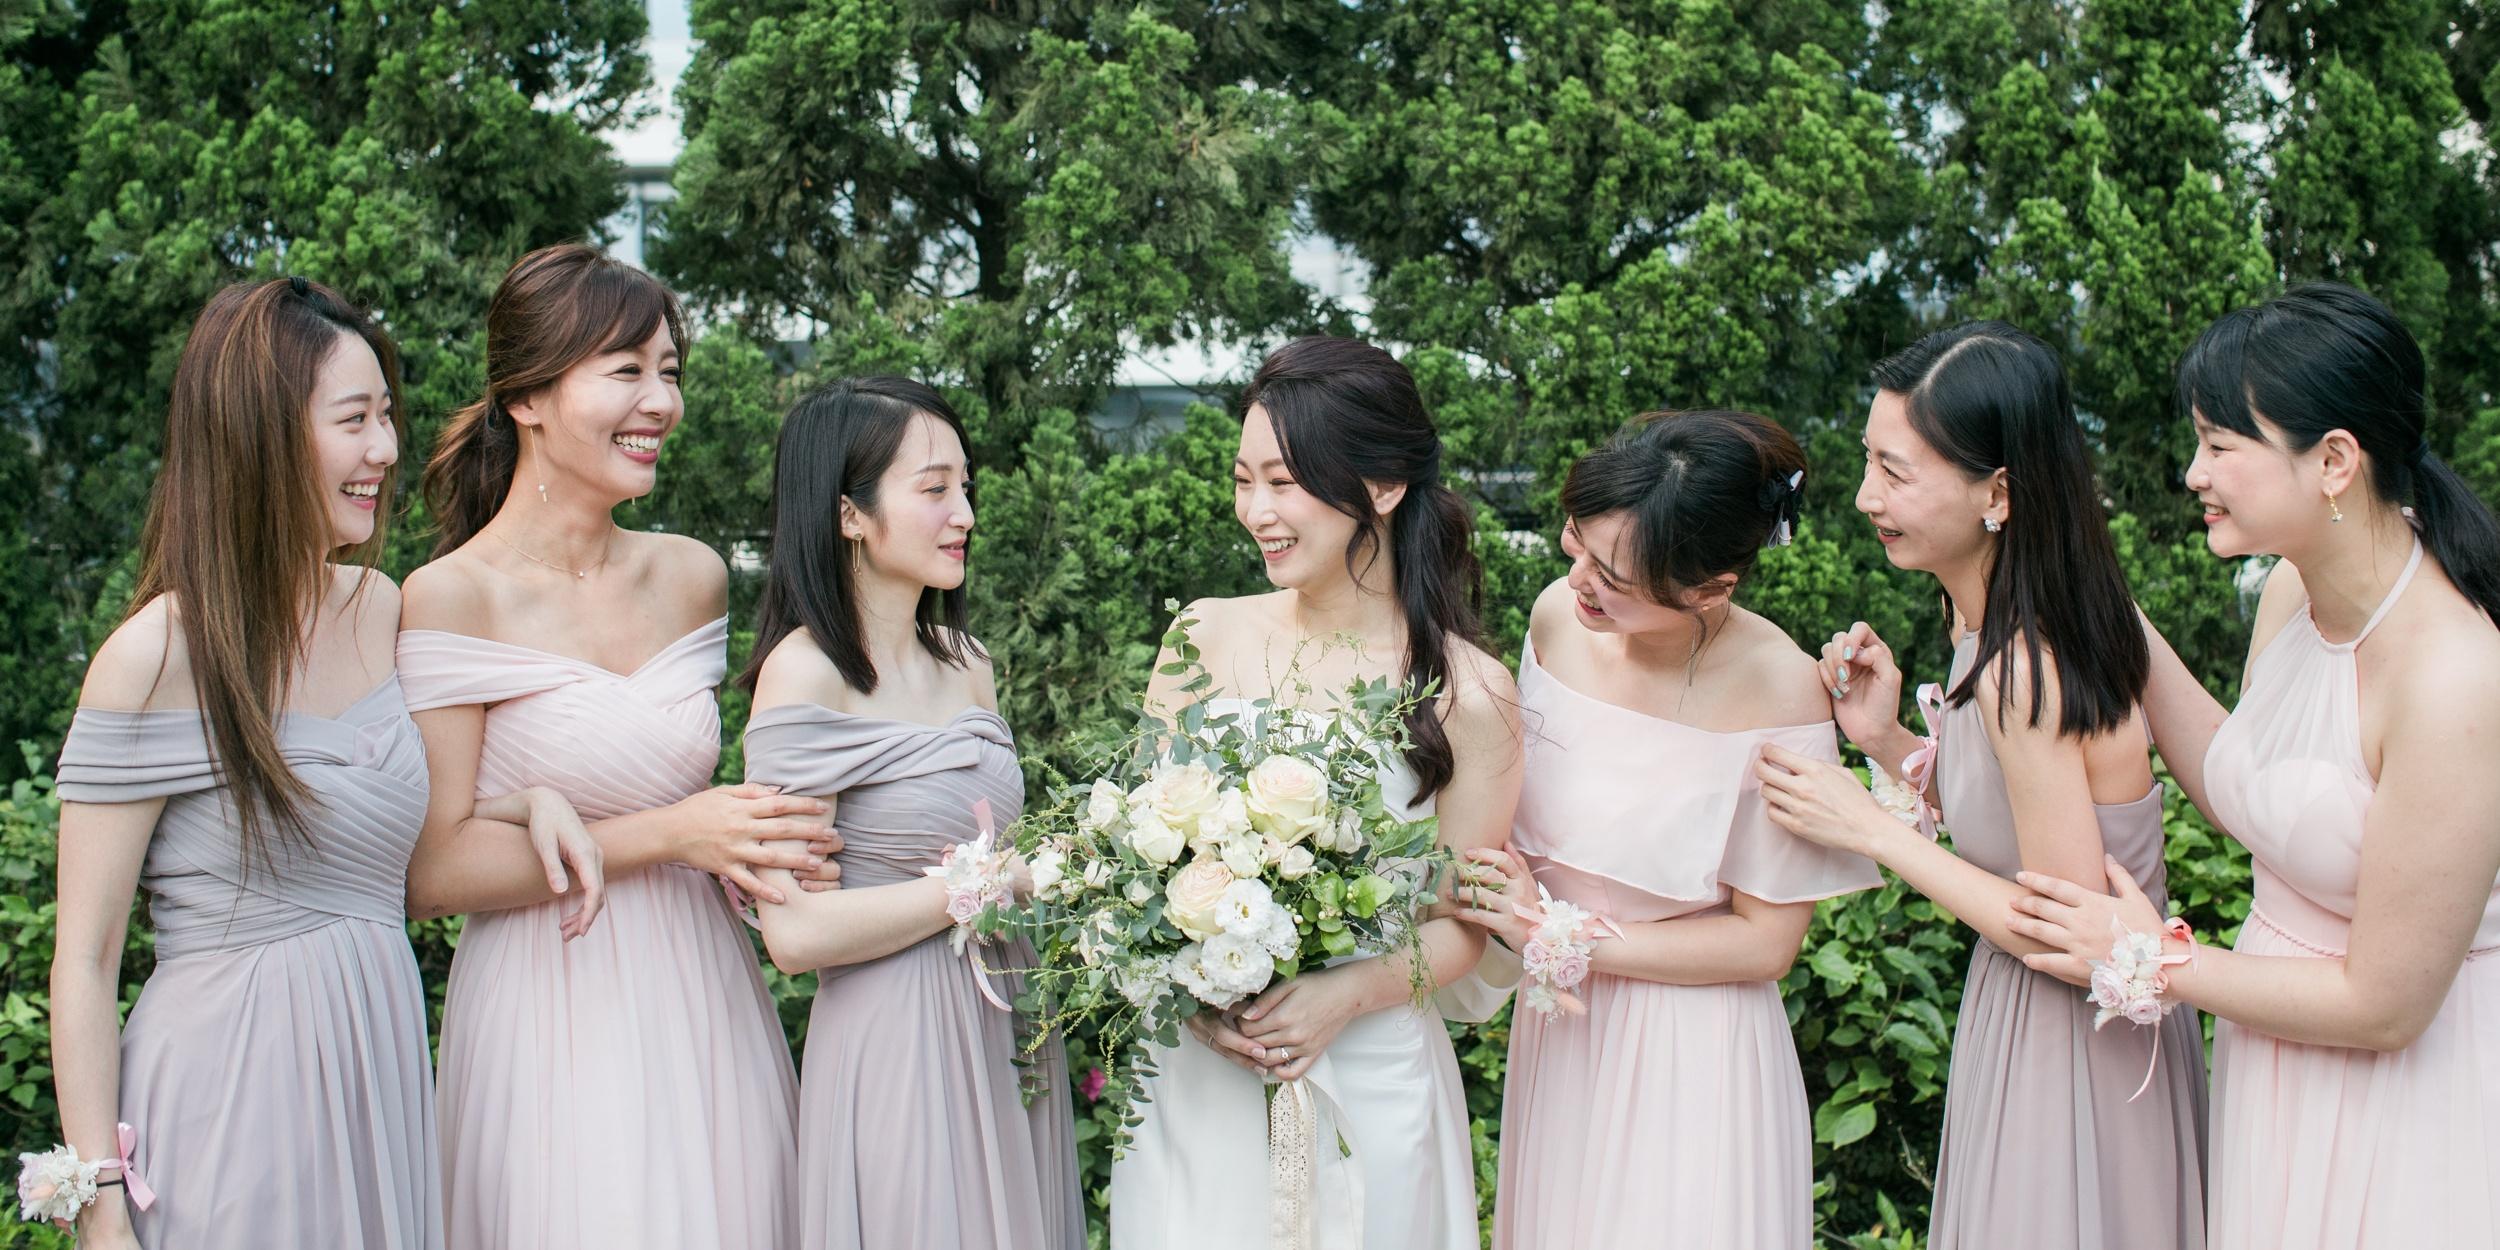 婚禮籌備.裸粉色系淘寶伴娘服、伴娘禮、伴娘注意事項